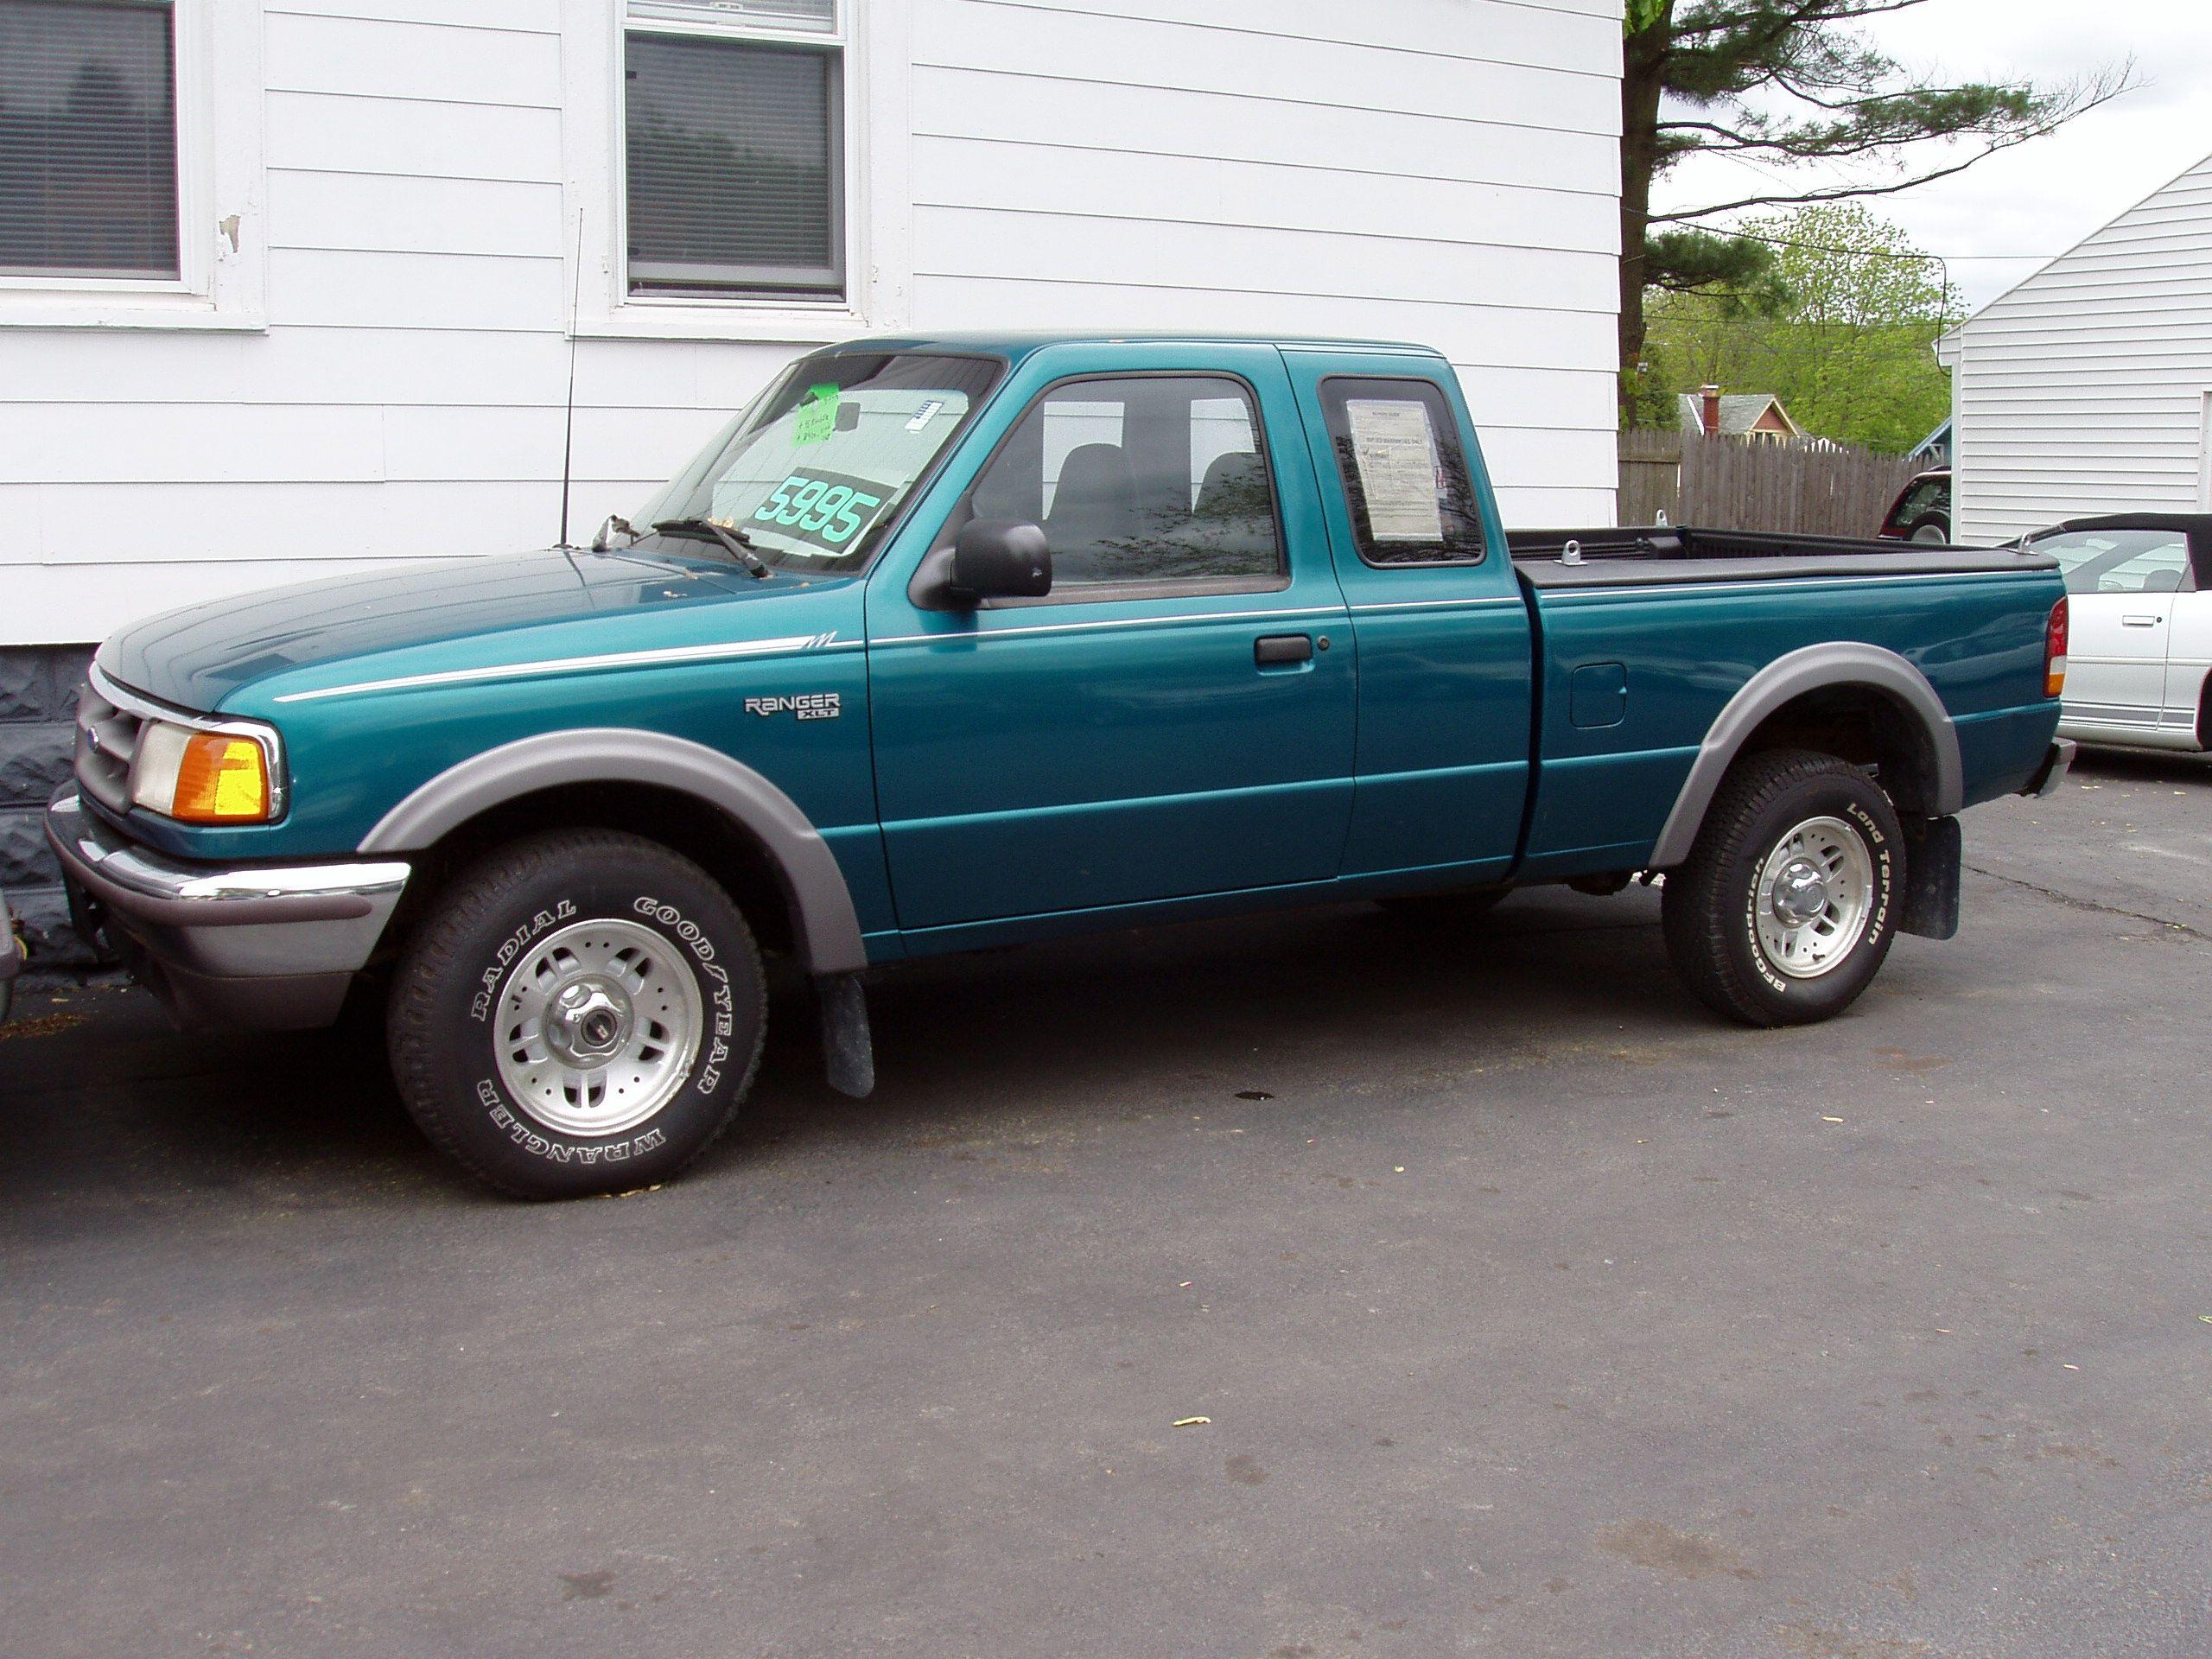 Ford Ranger Pics Different Years Ford Ranger Ford Ranger Tyre